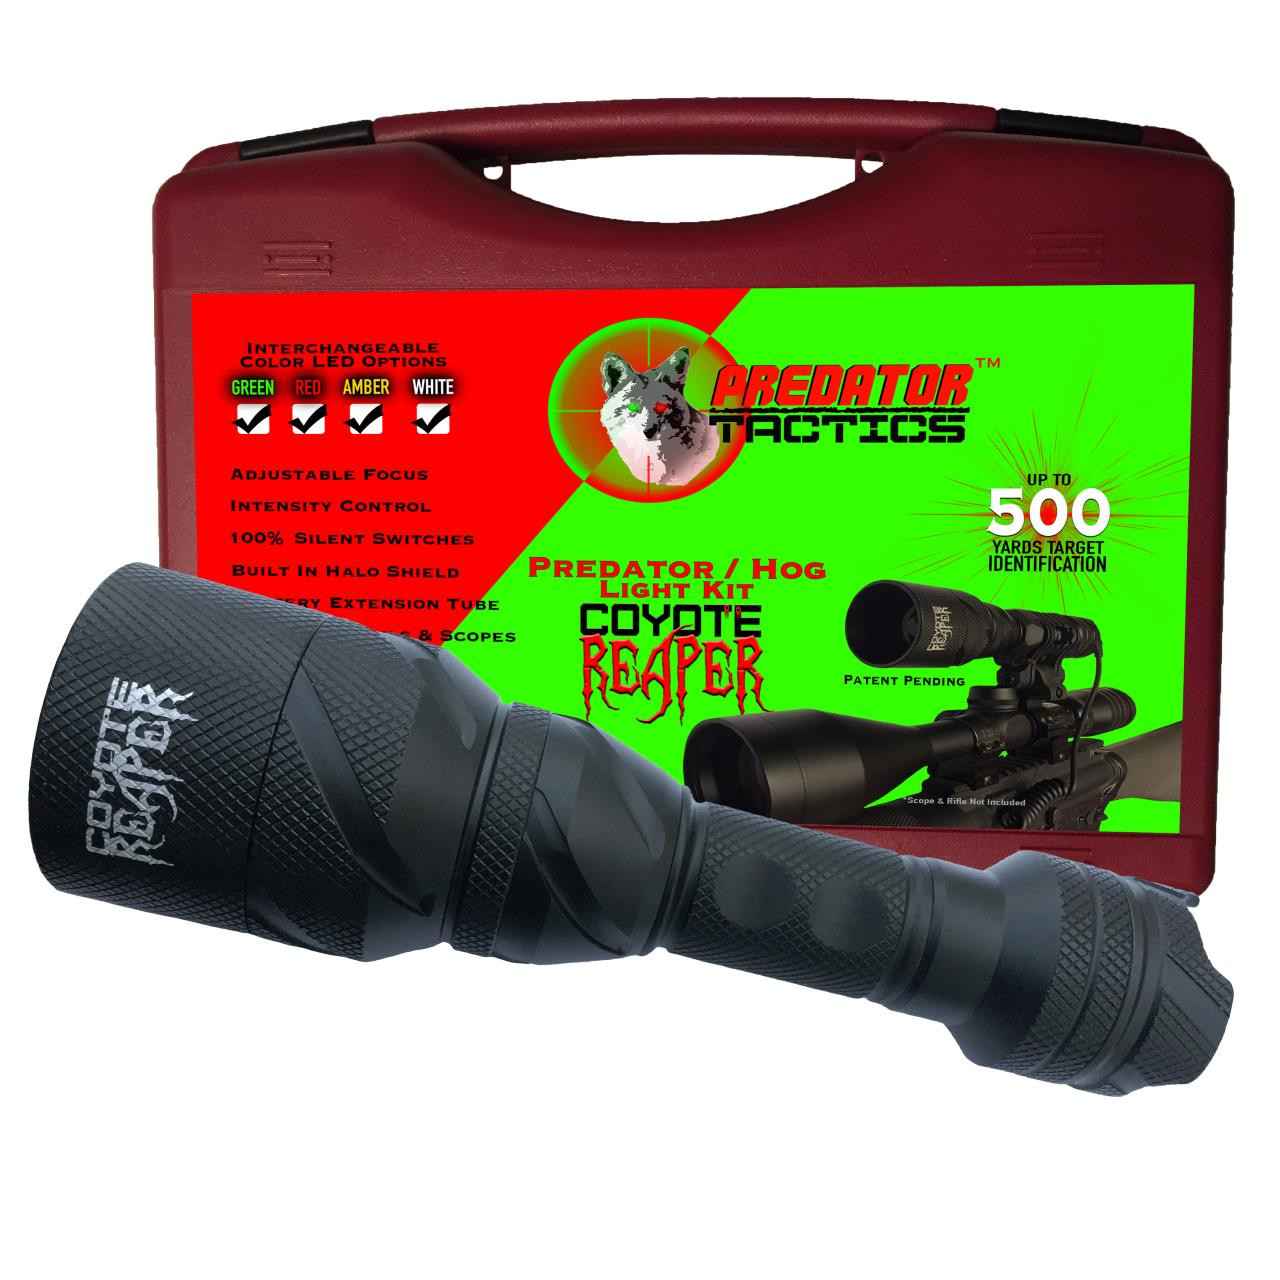 Predator Tactics Coyote Reaper Light Kit - Green/Red/White LED - 640265974632